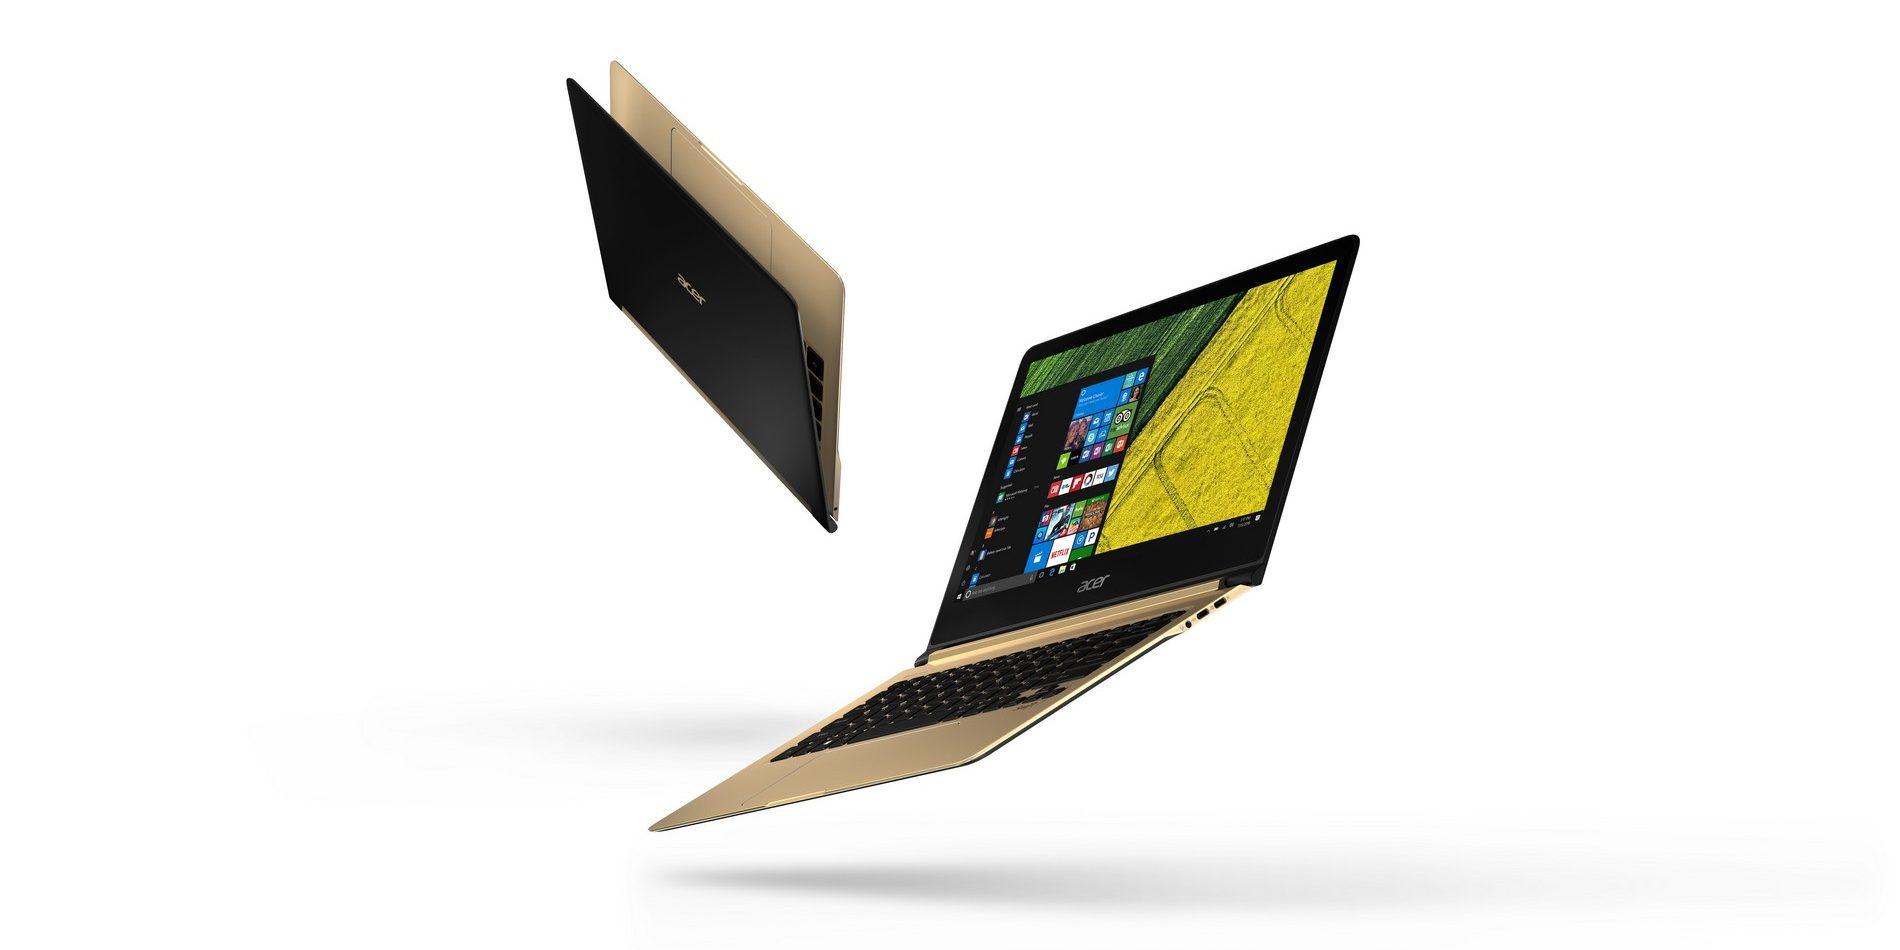 IFA 2016: Acer svela il primo laptop più sottile di 1 cm